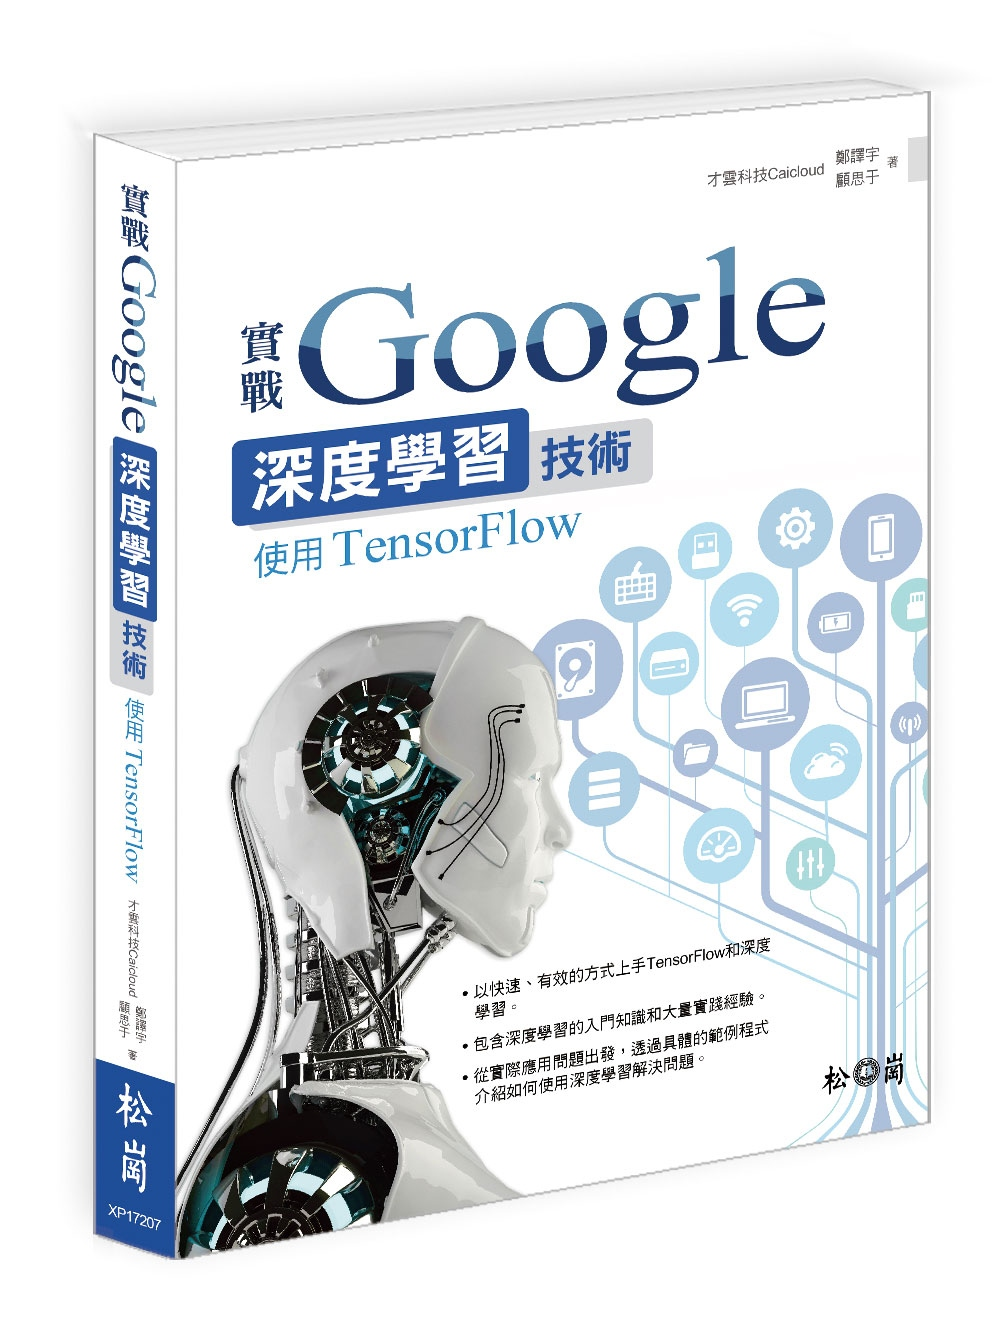 實戰Google深度學習技術:使用TensorFlow